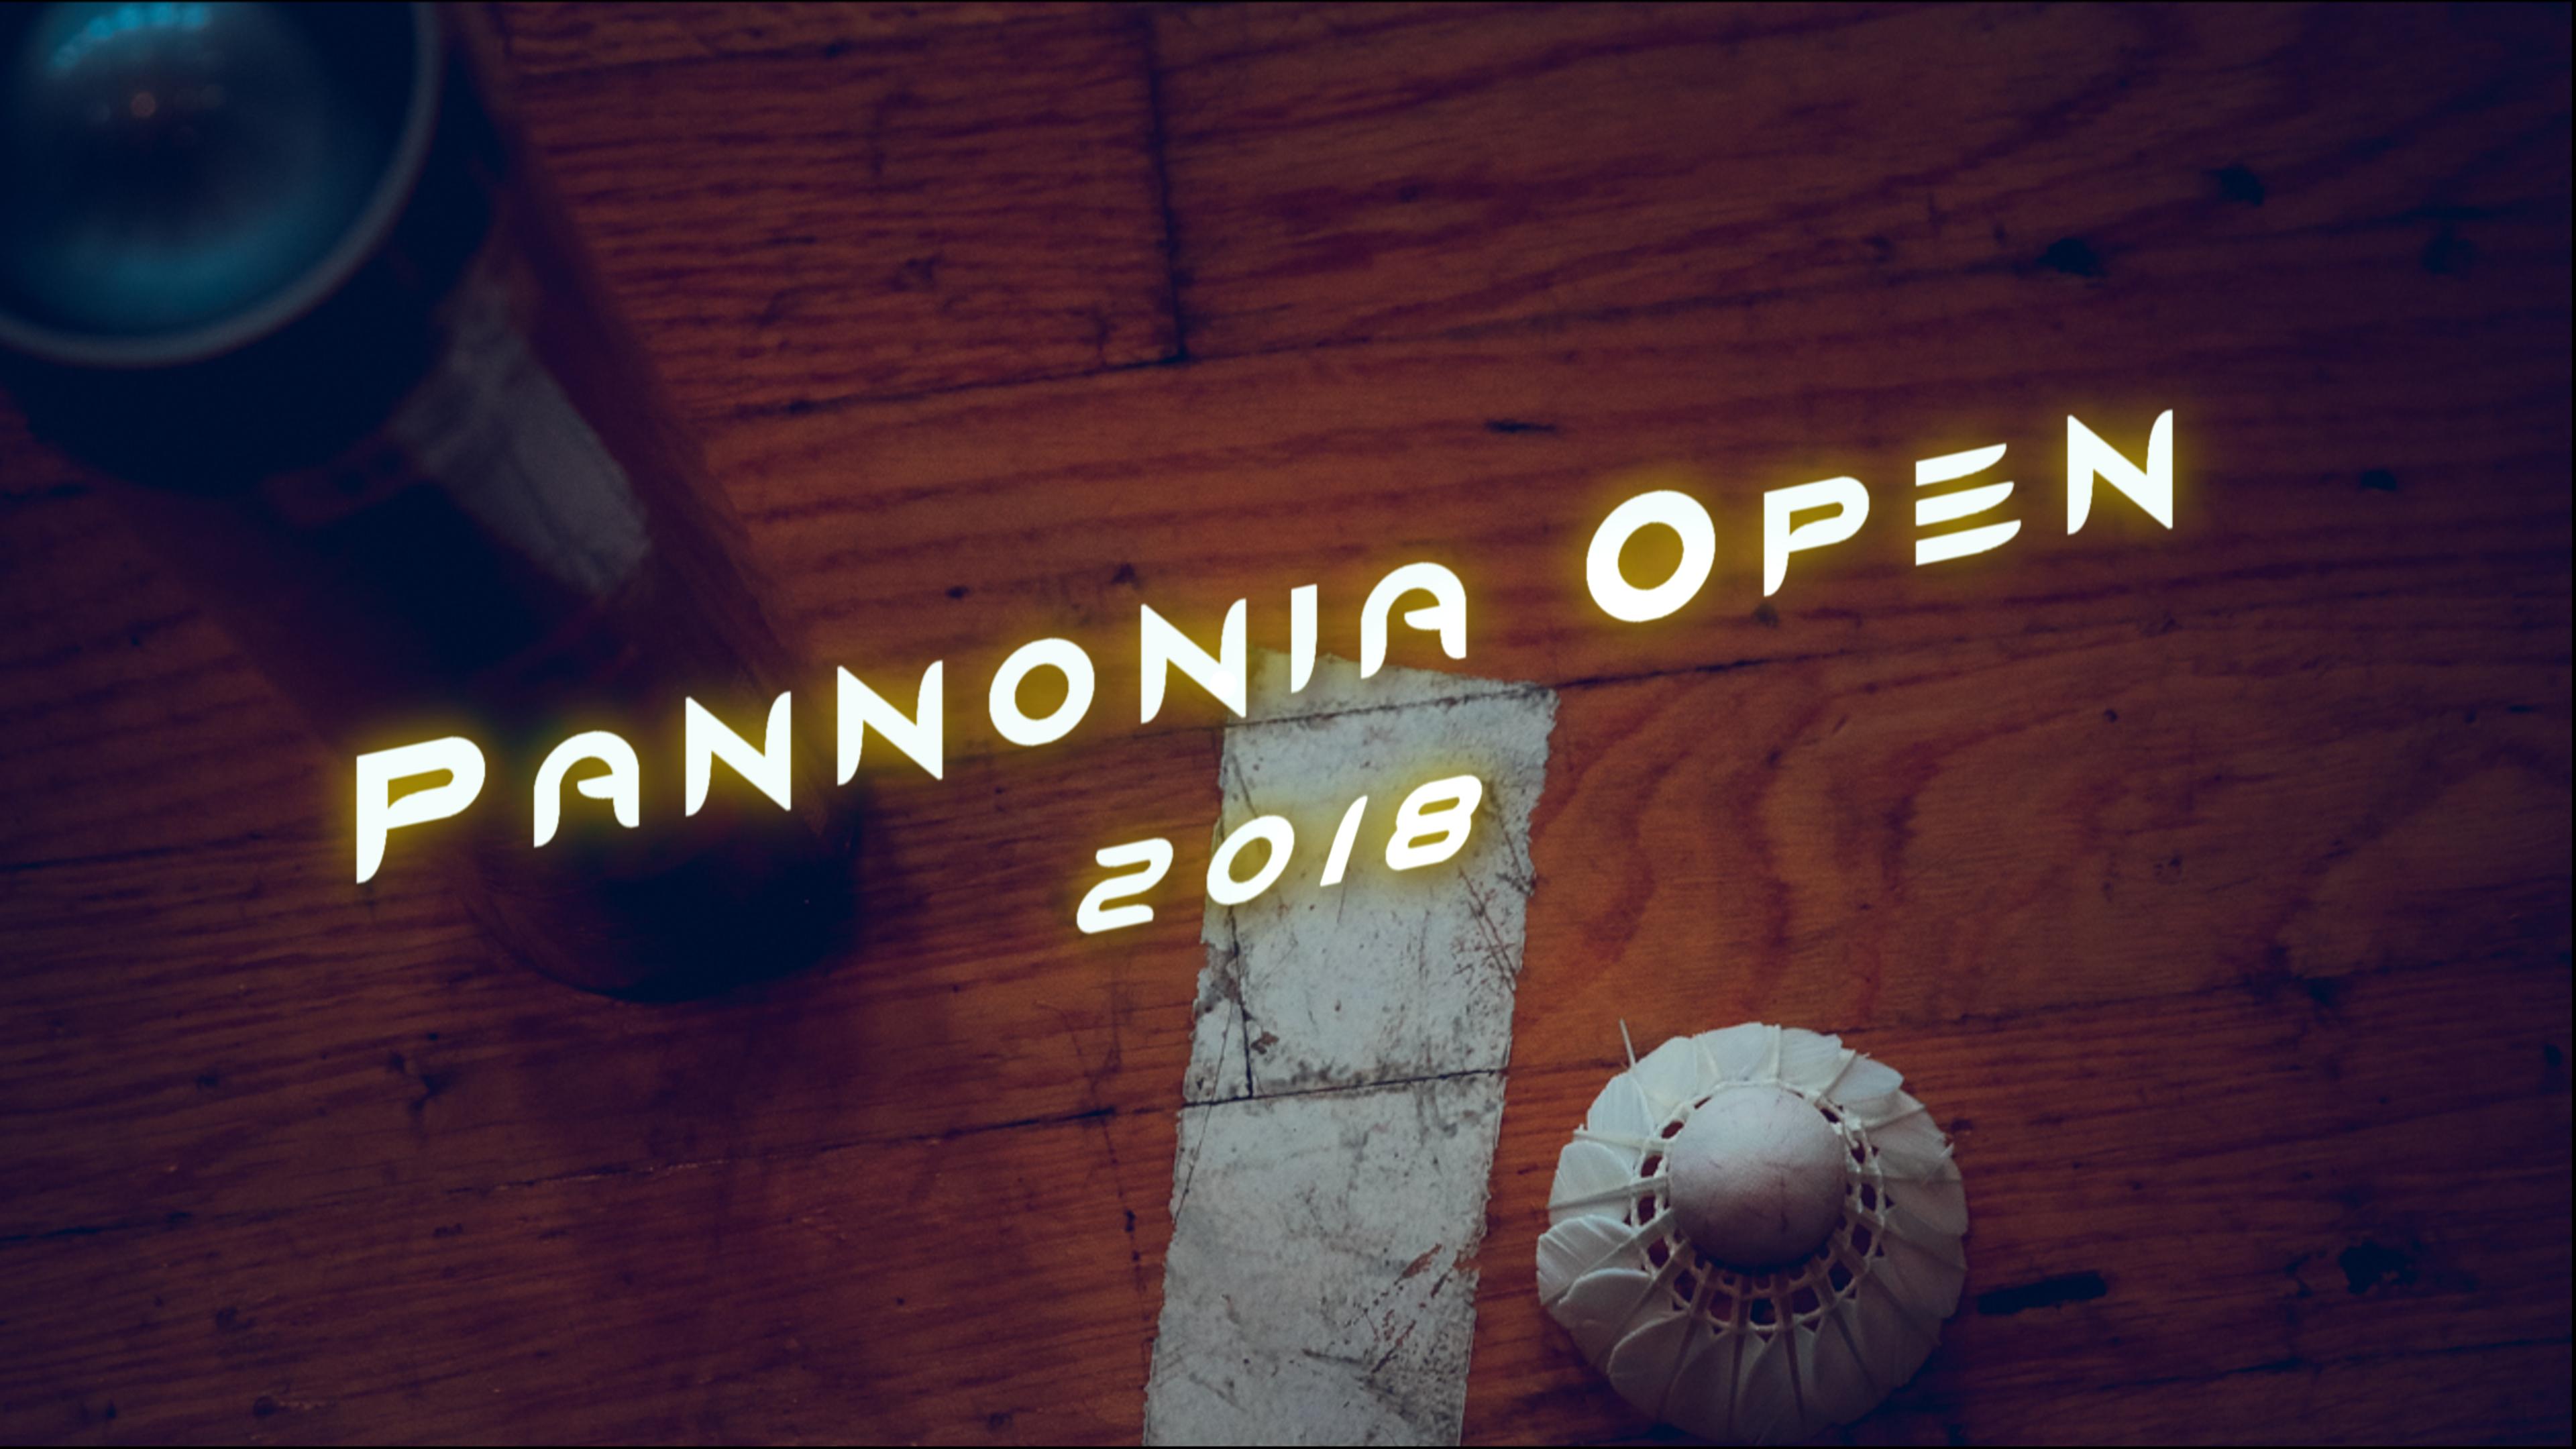 Pannonia Open 2018.